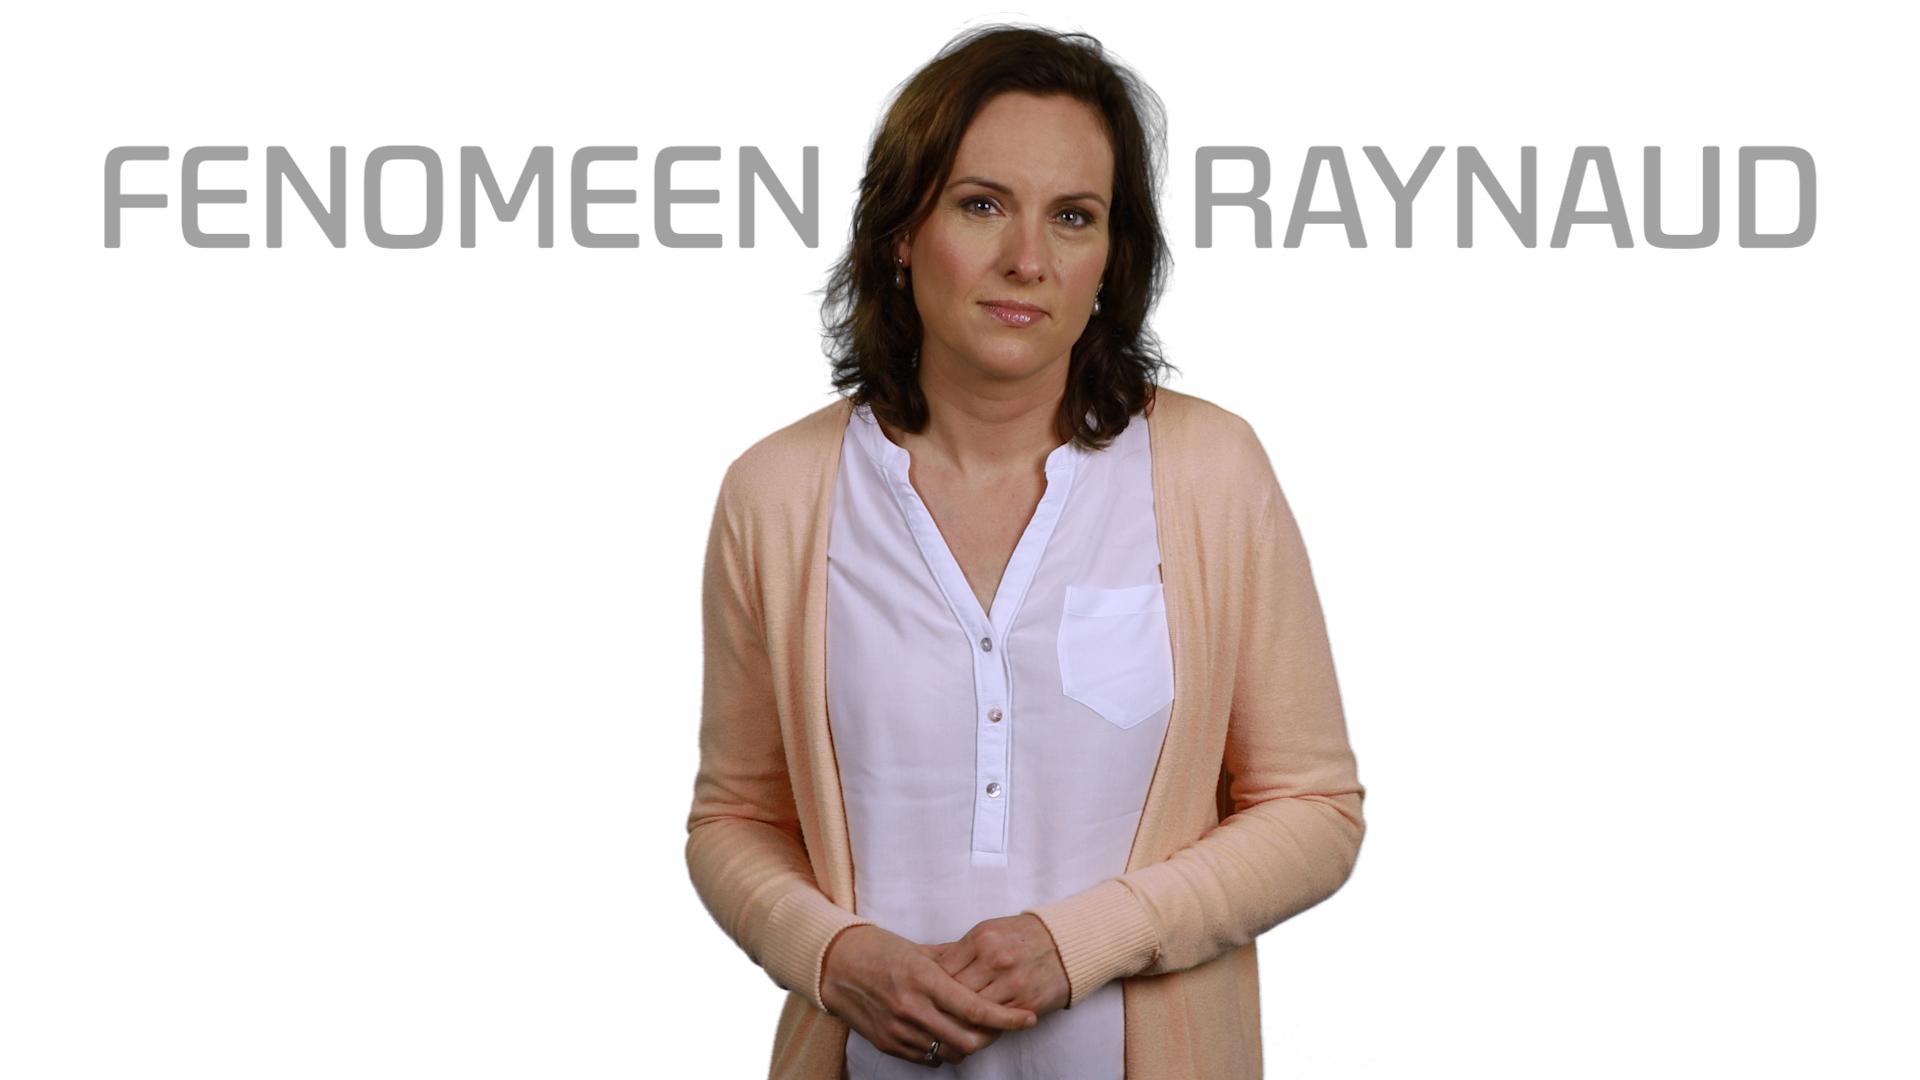 Bekijk de video: Fenomeen van Raynaud